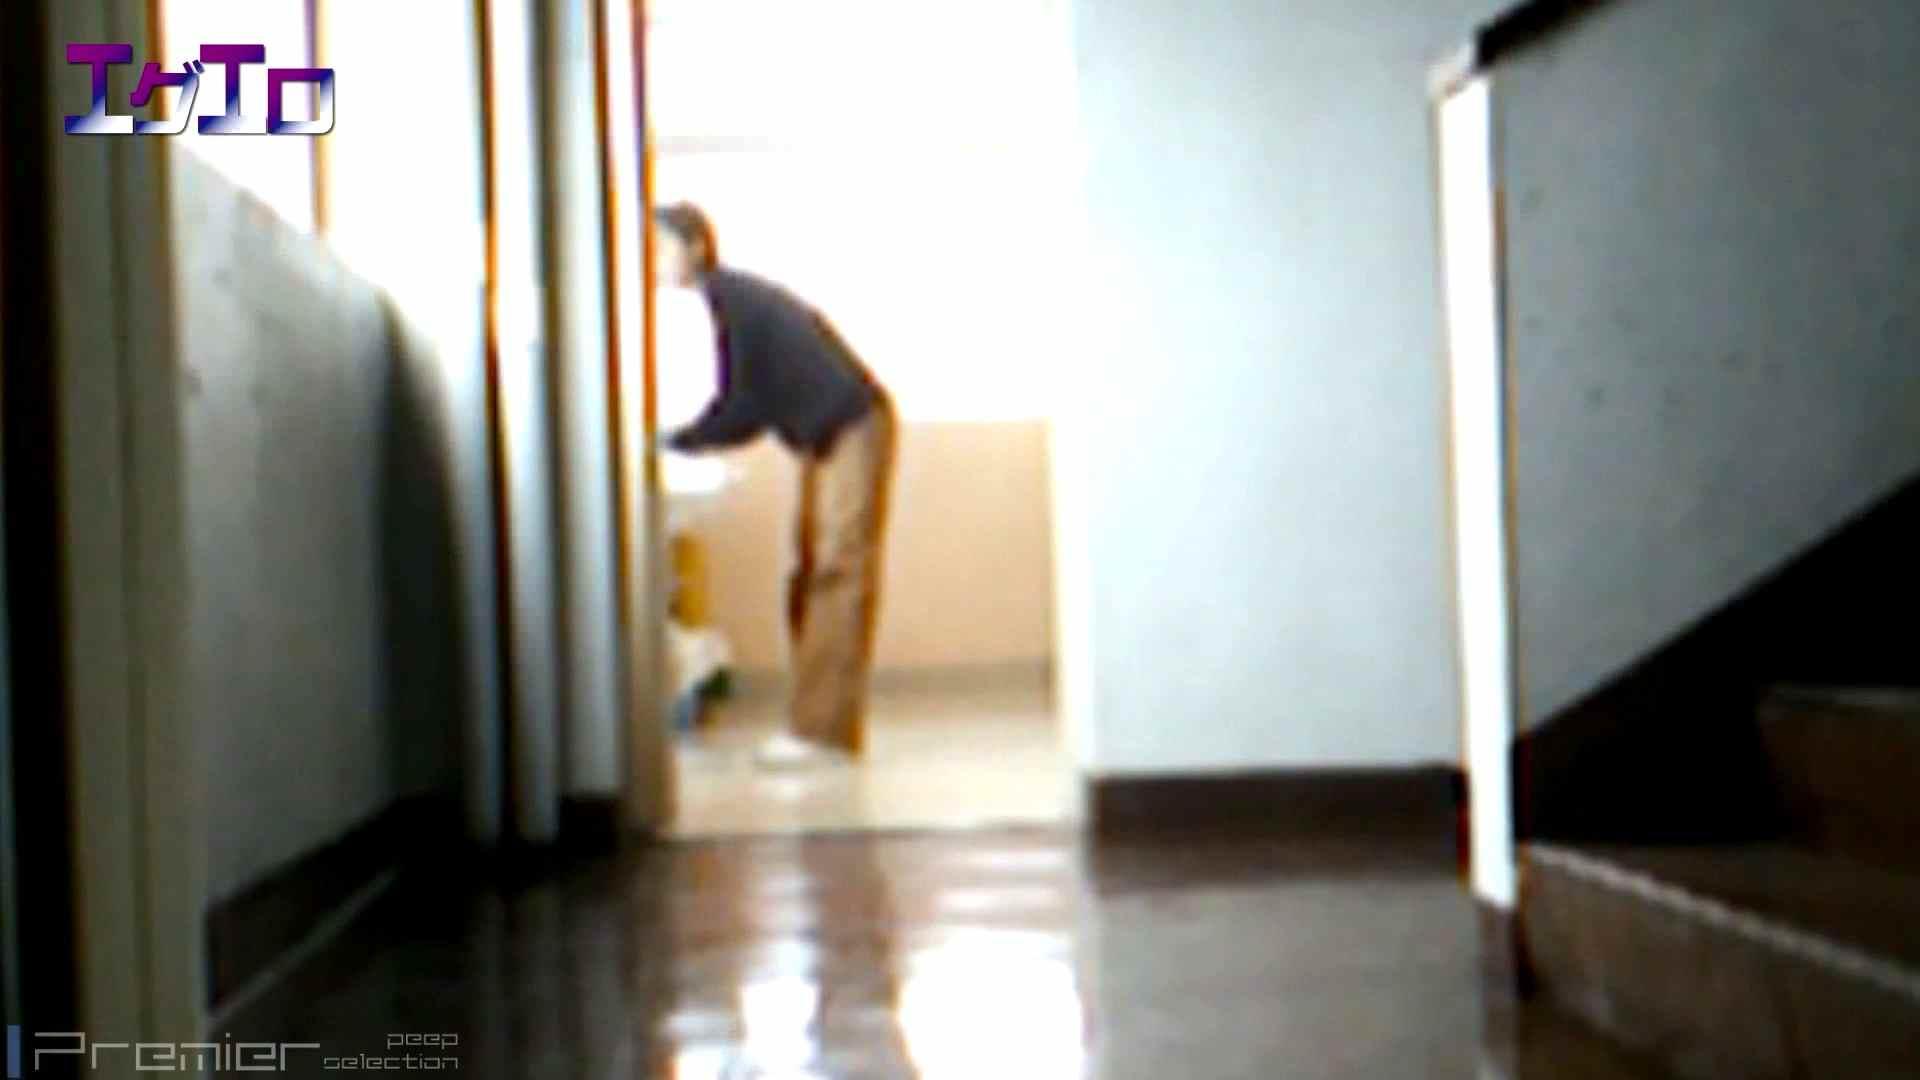 至近距離洗面所 Vol.10ブルージーンズギャルの大放nyo ギャルハメ撮り  20Pix 10